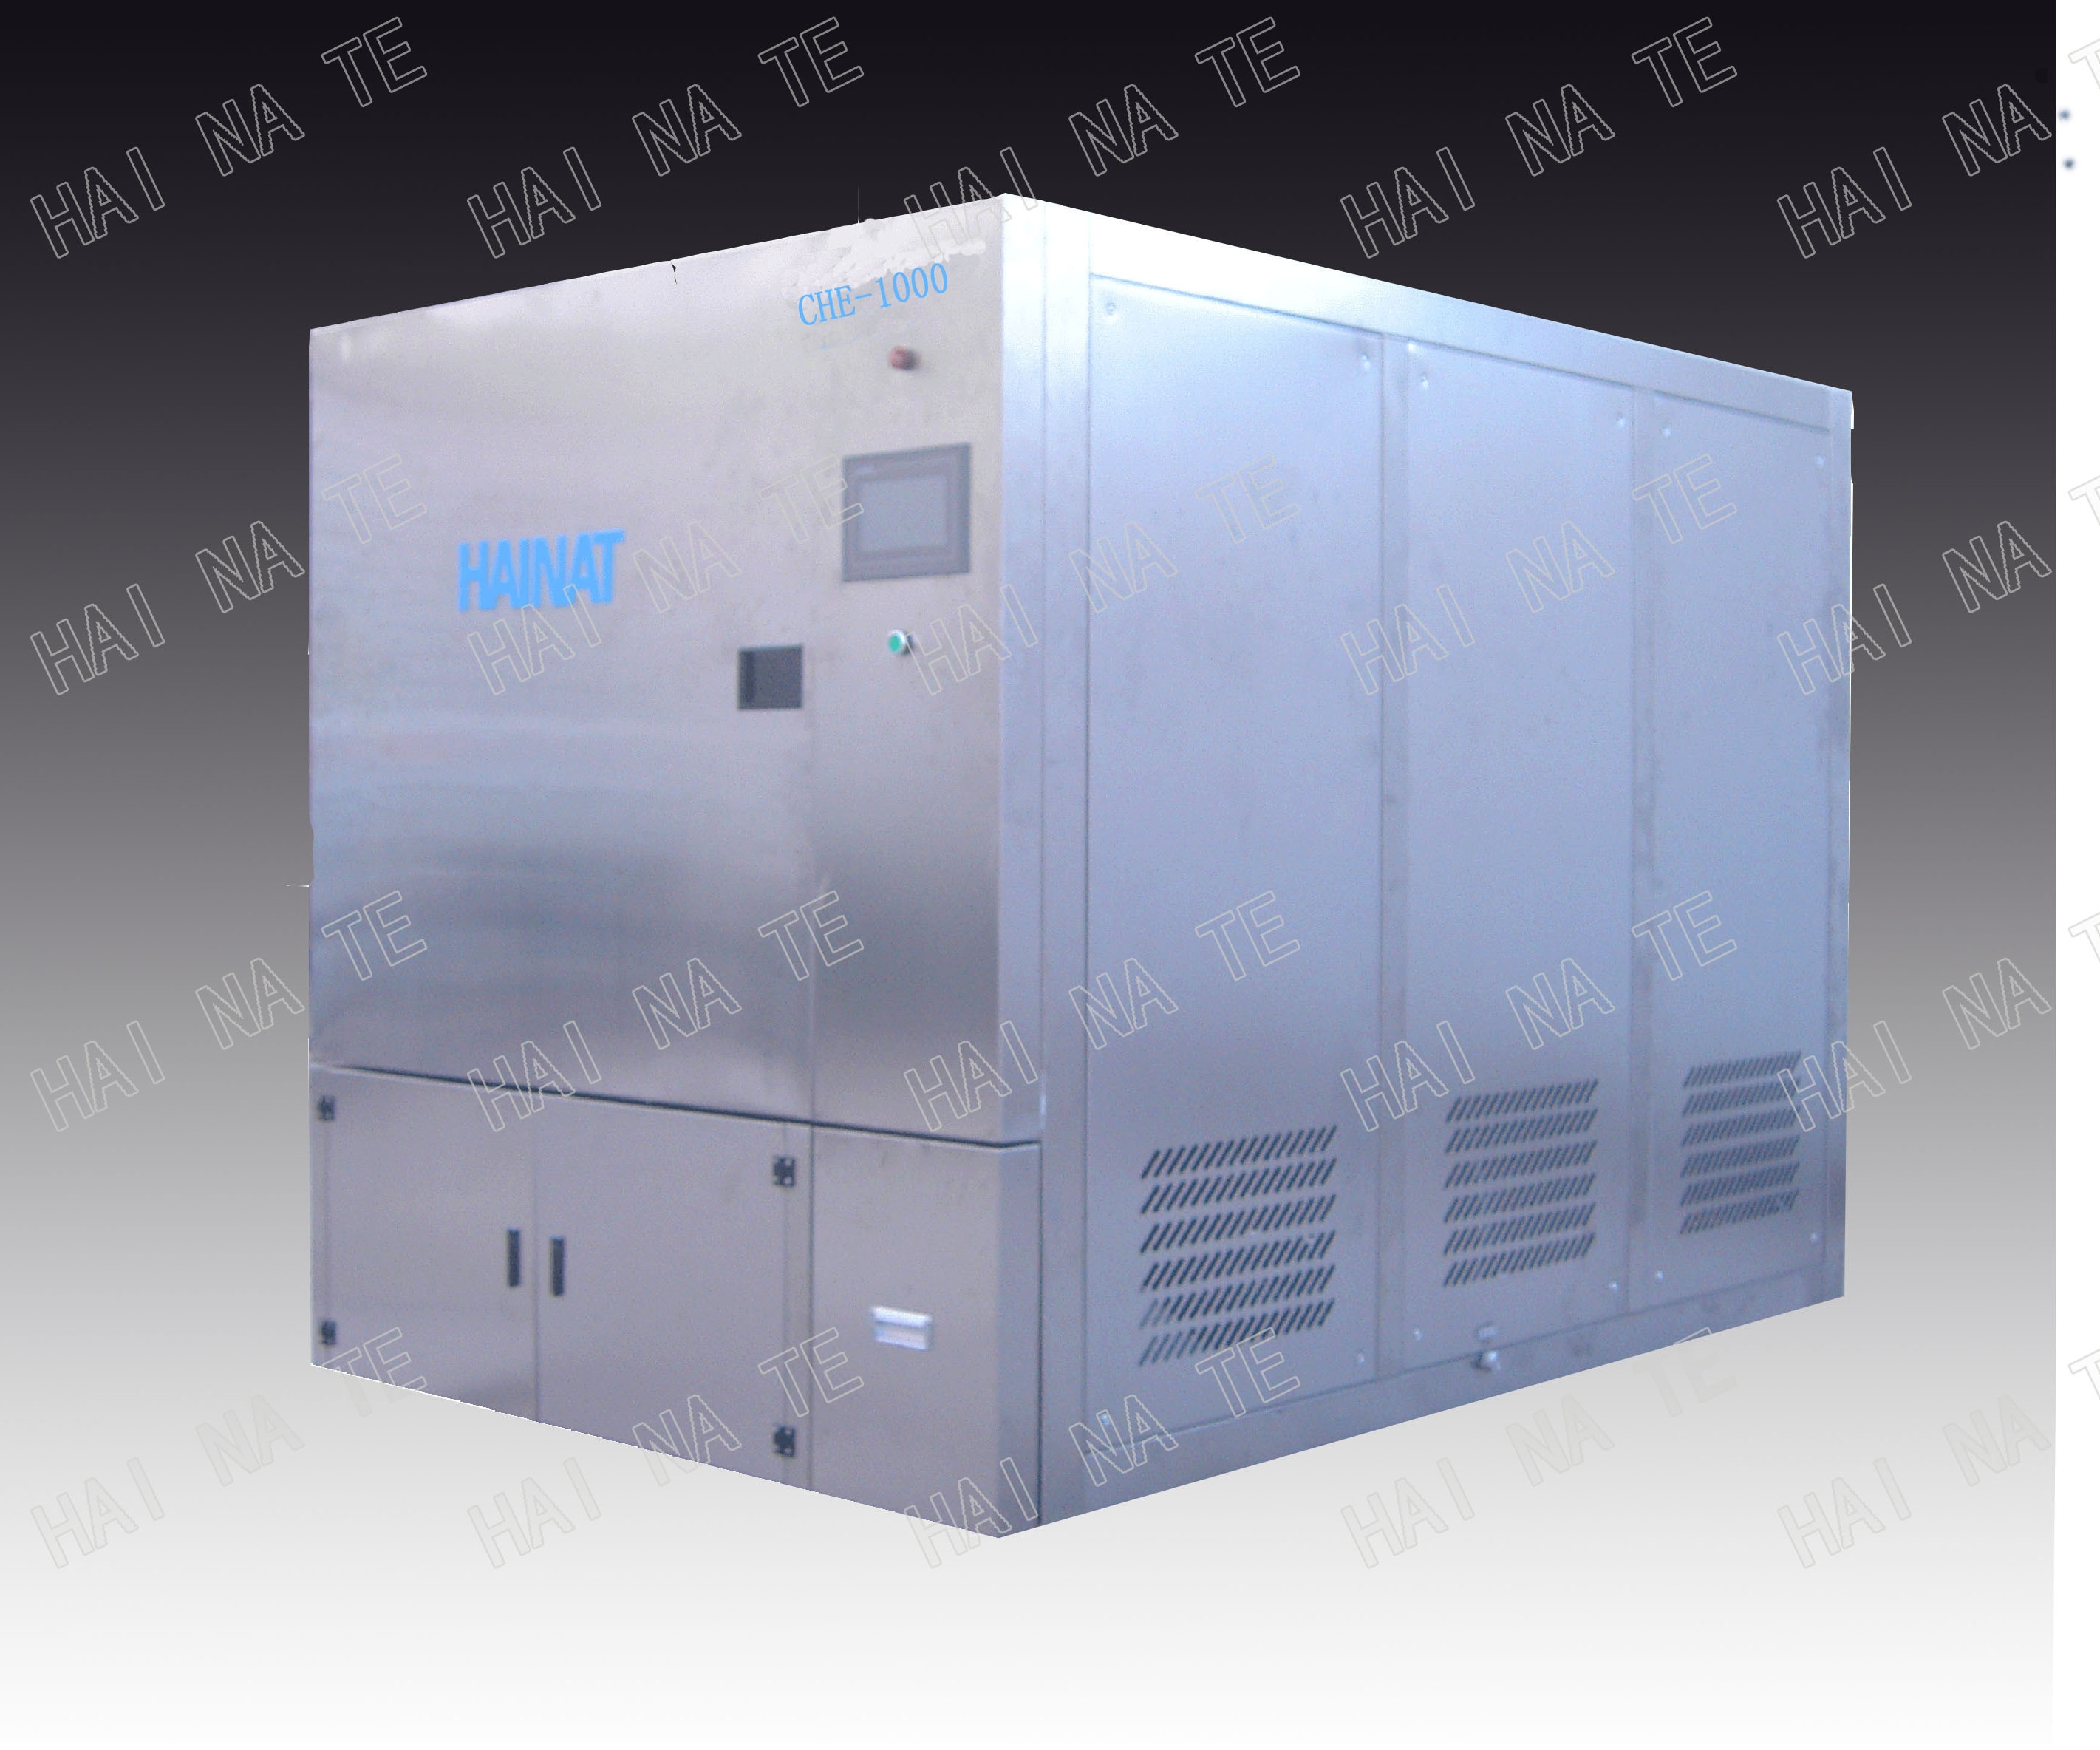 1立方米VOC释放量环境测试舱(汽车内饰件)